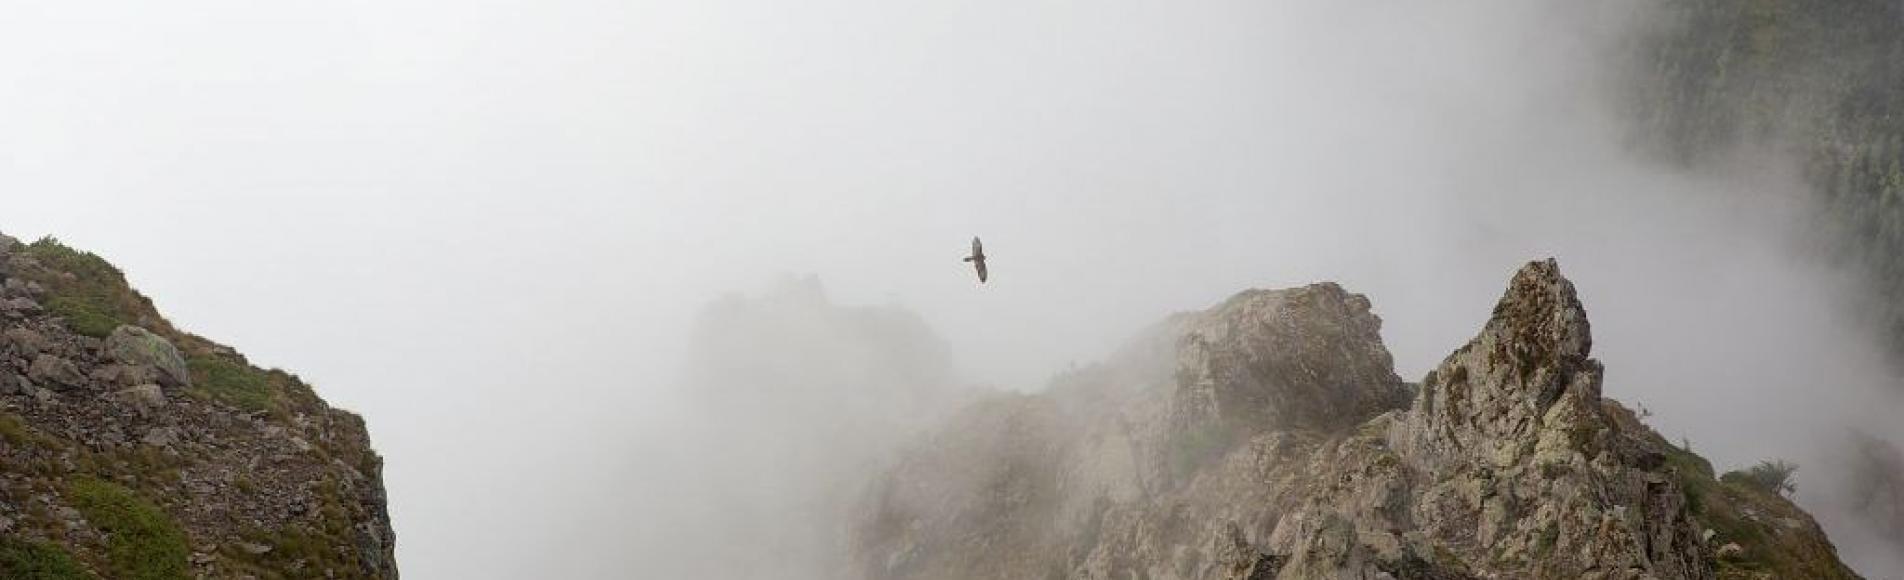 Gypaète du trio reproducteur de Mizoën dans le brouillard © T. Maillet - PNE